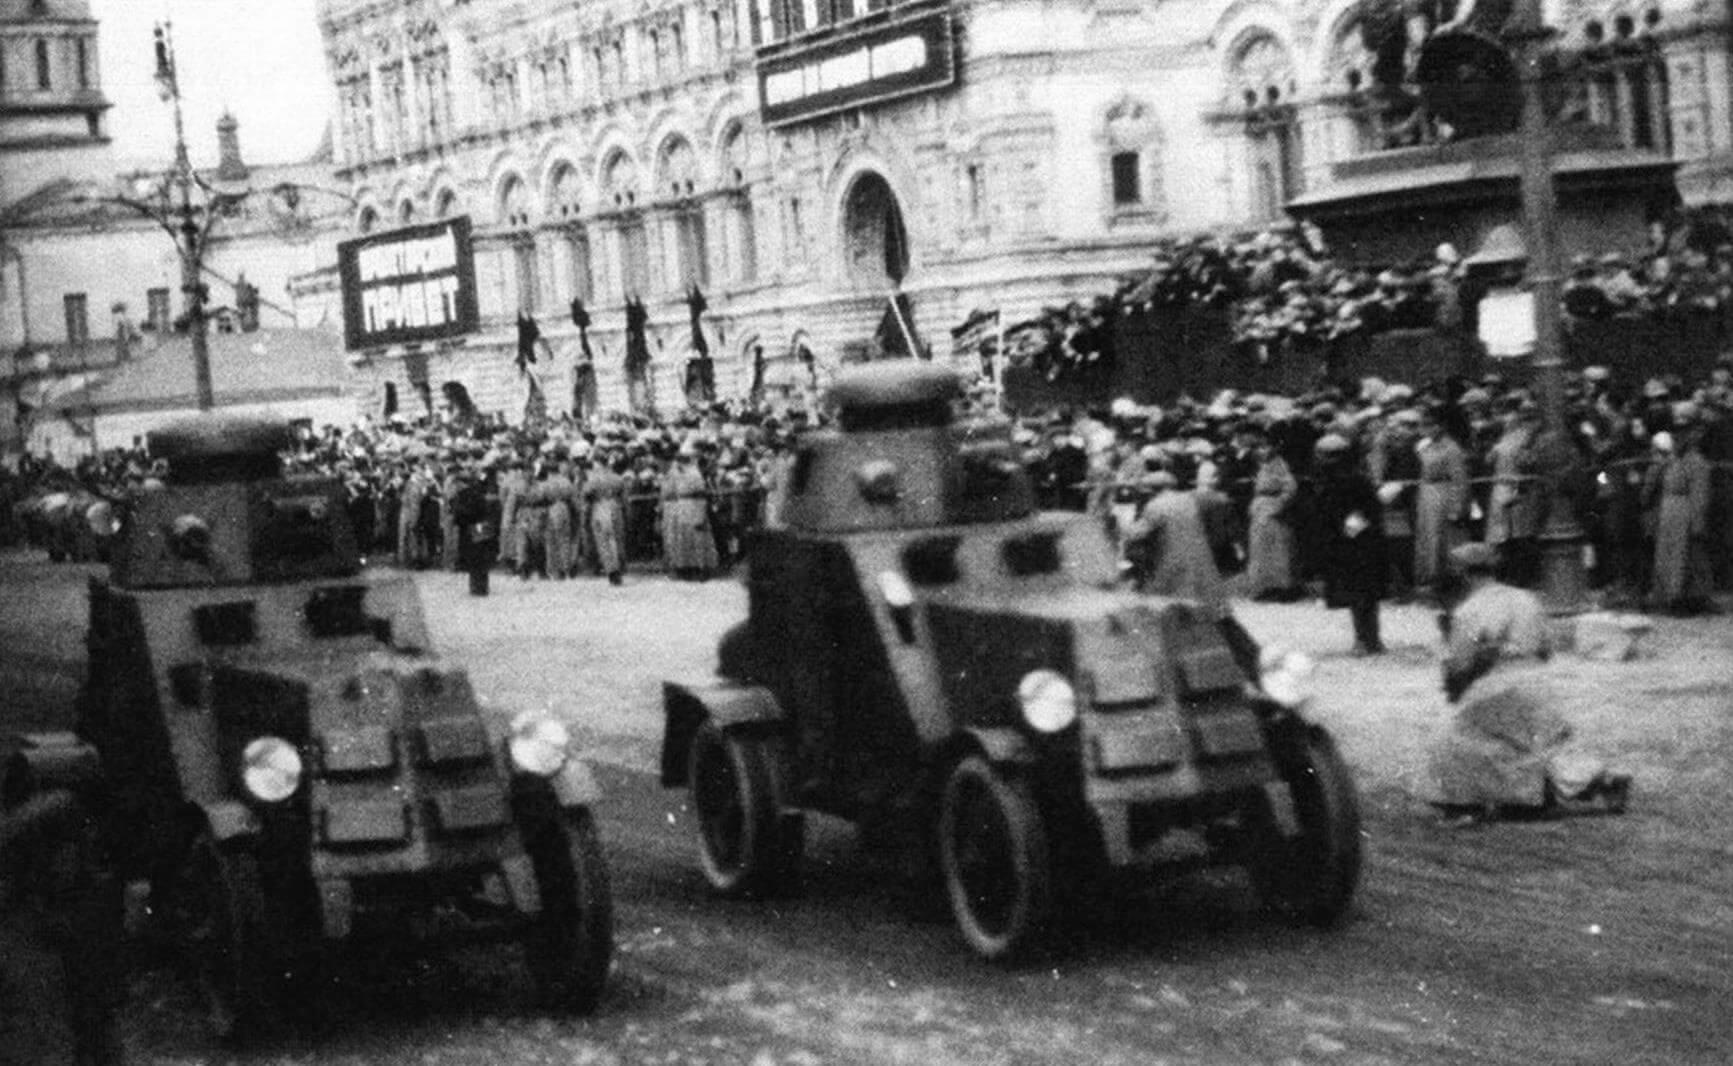 Бронеавтомобили БА-27 проходят по Красной площади. Москва, 1 мая 1930 года. На машинах установлены бронелисты защиты радиатора с карманами для доступа воздуха